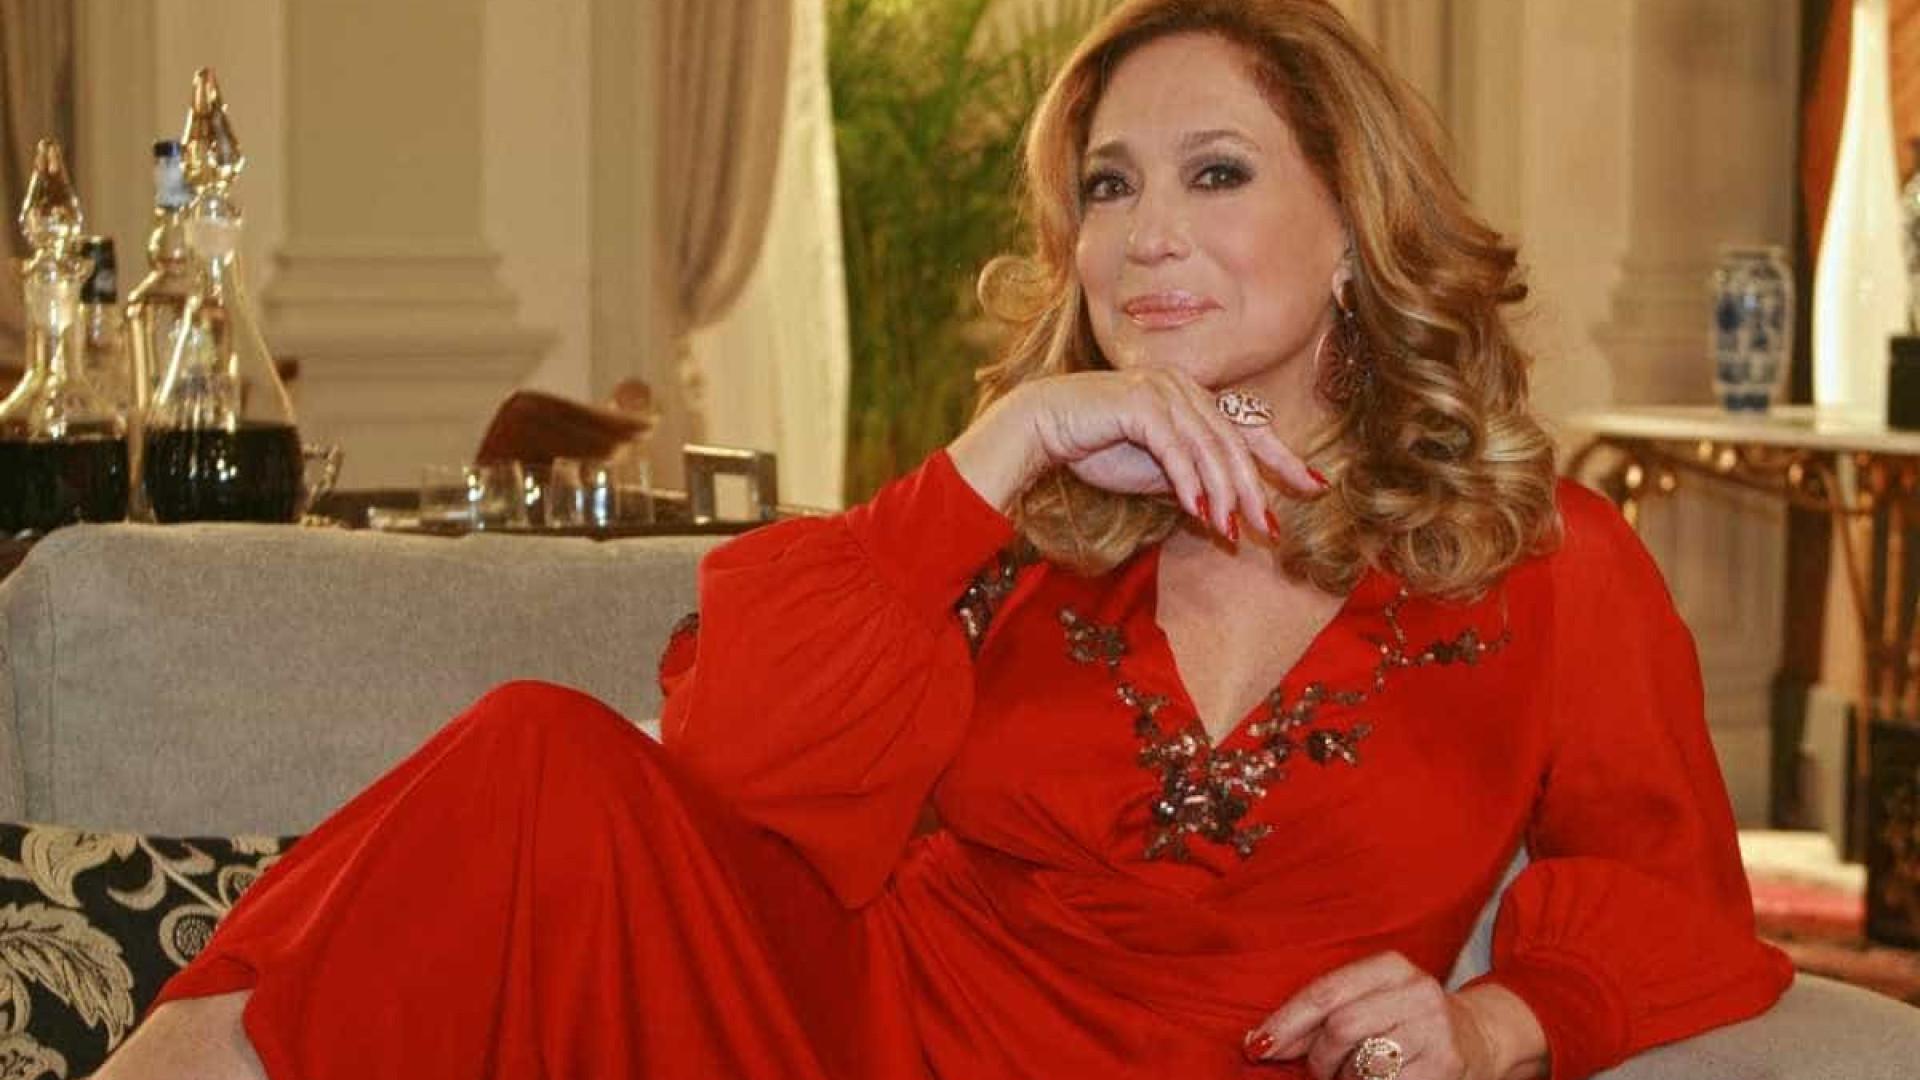 Susana Viera detona repórter por pergunta sobre Zé Mayer: 'Caceta!'